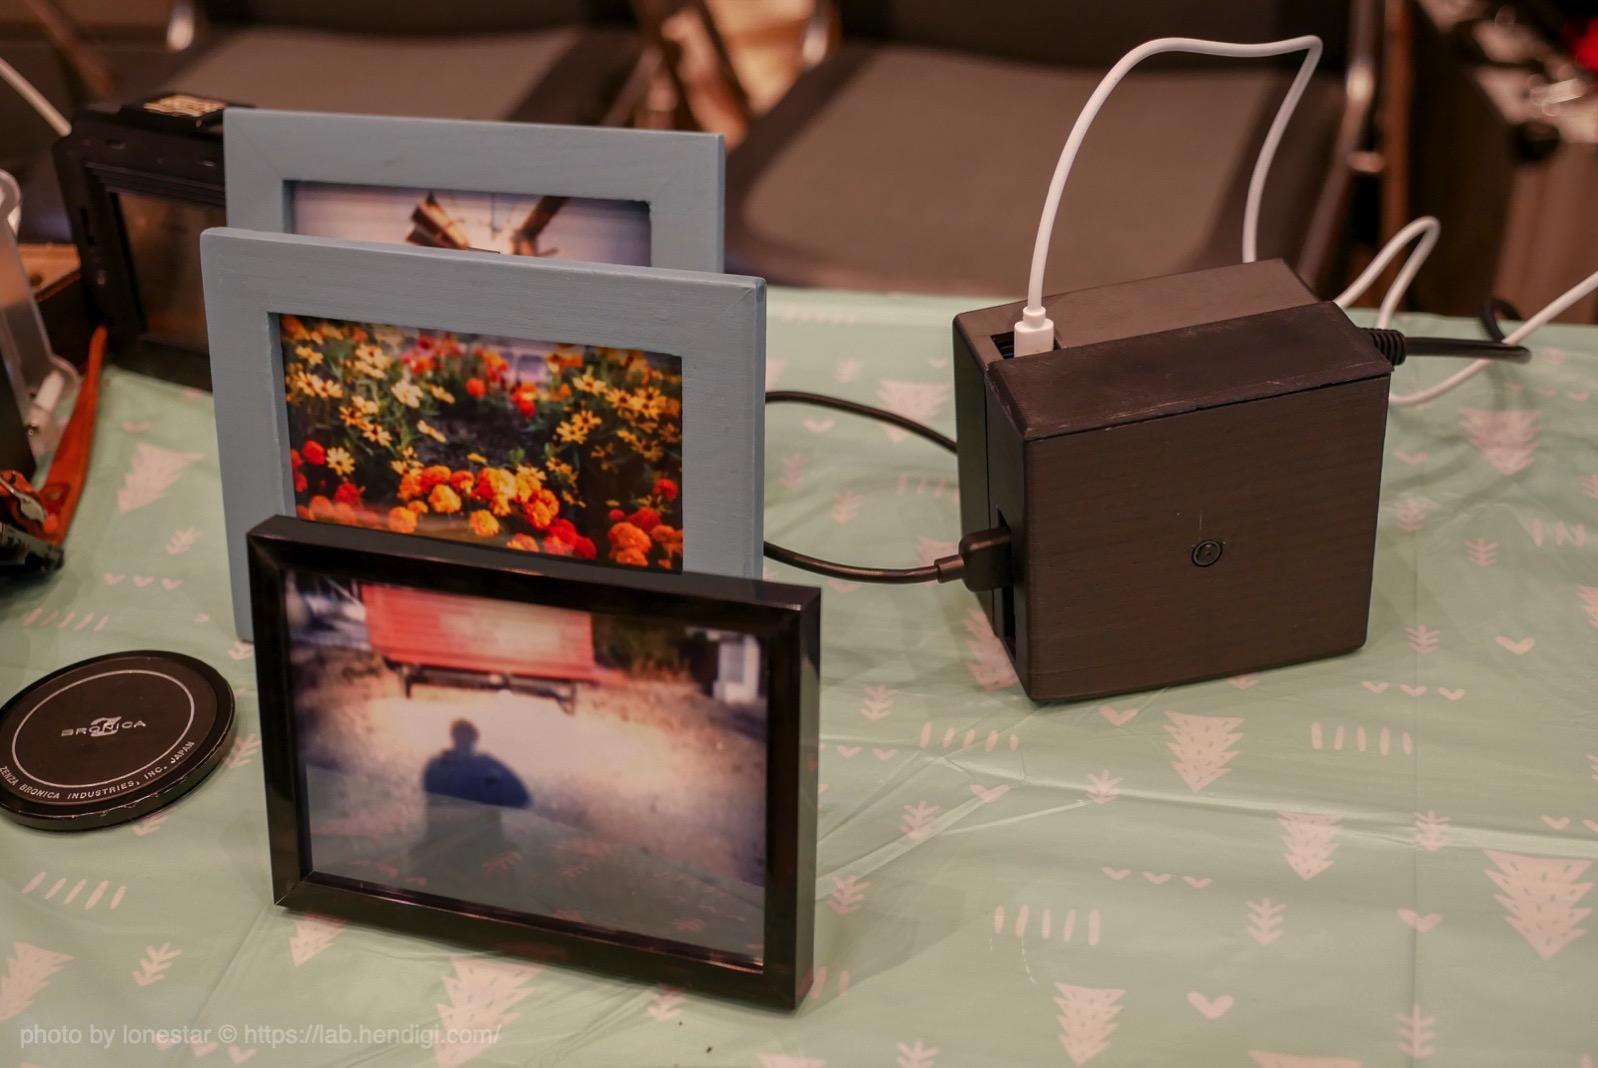 ディープラーニングを使ったアナログカメラシミュレータ